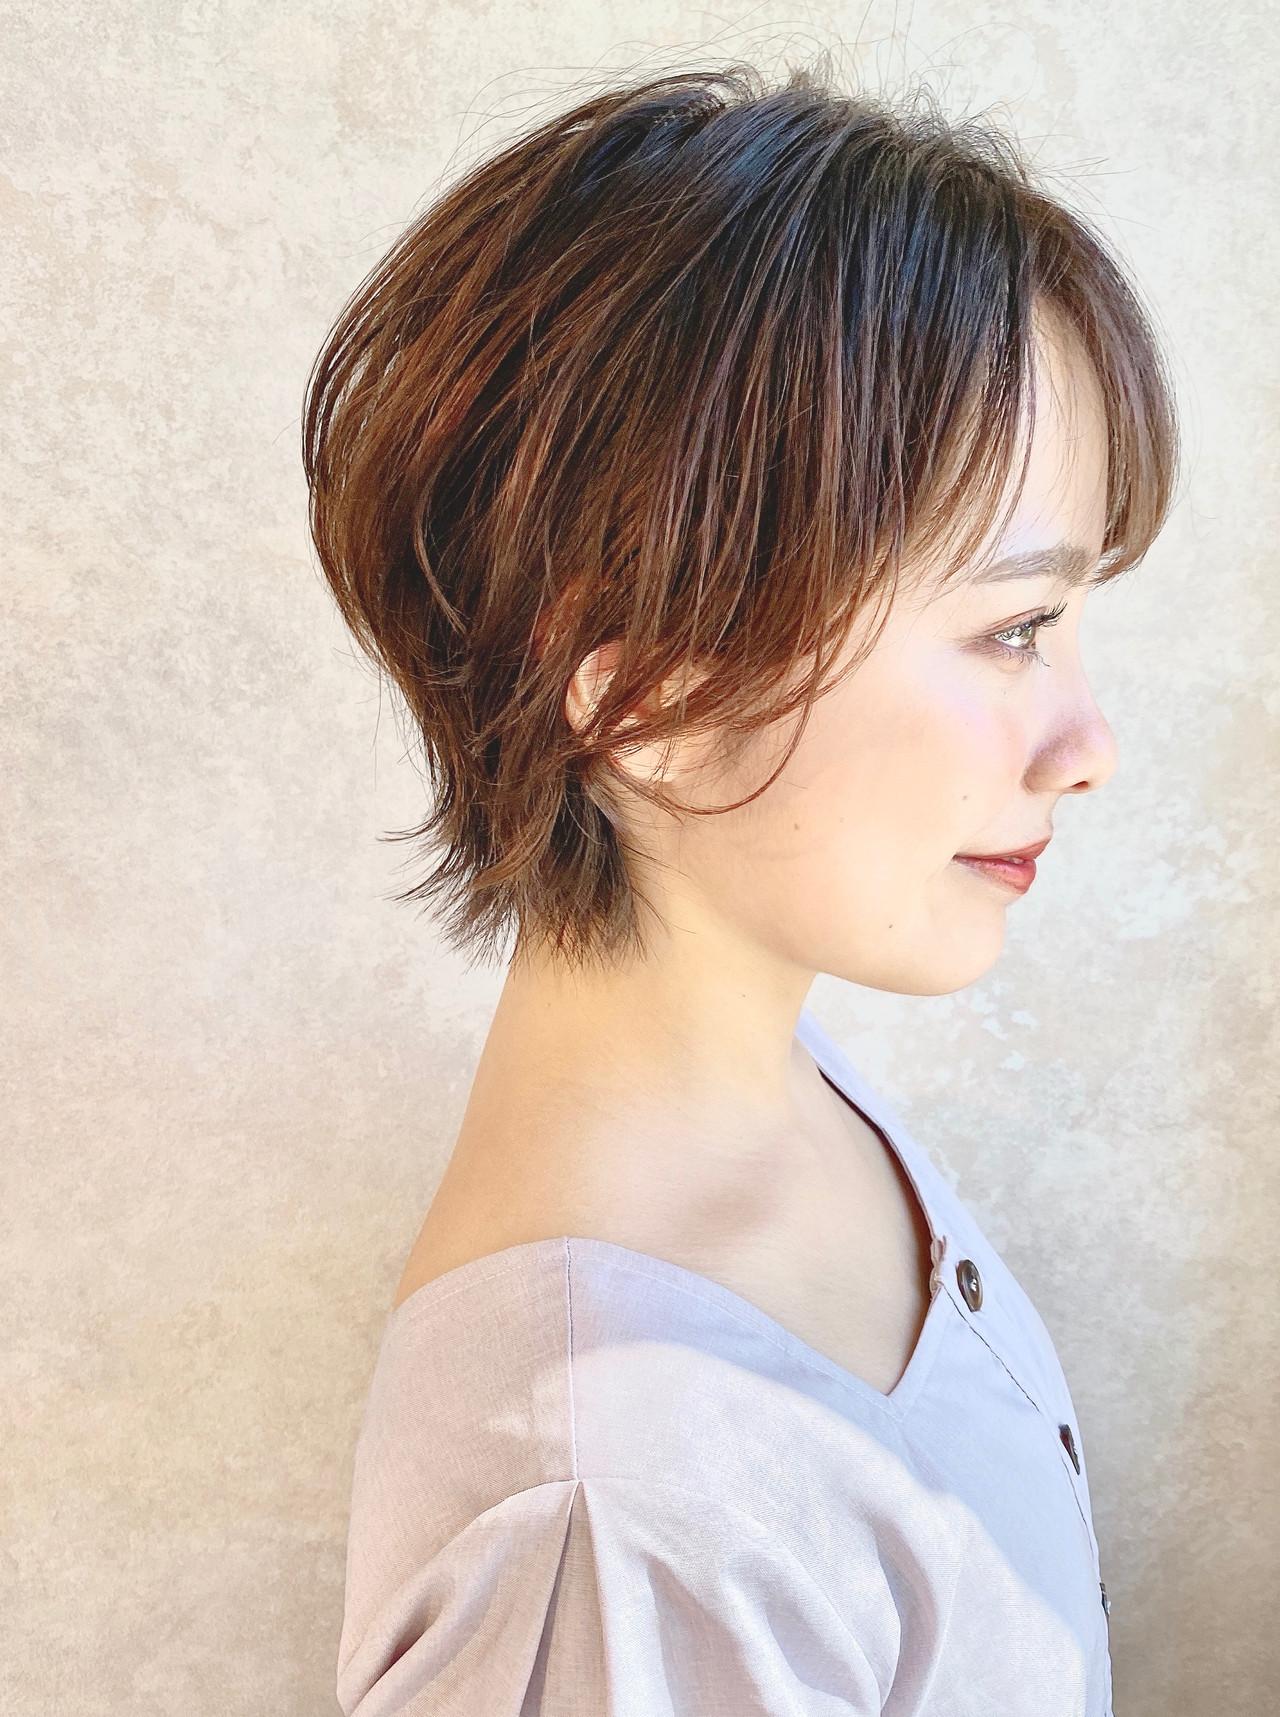 耳掛けショート ショート ニュアンスウルフ ウルフ女子 ヘアスタイルや髪型の写真・画像